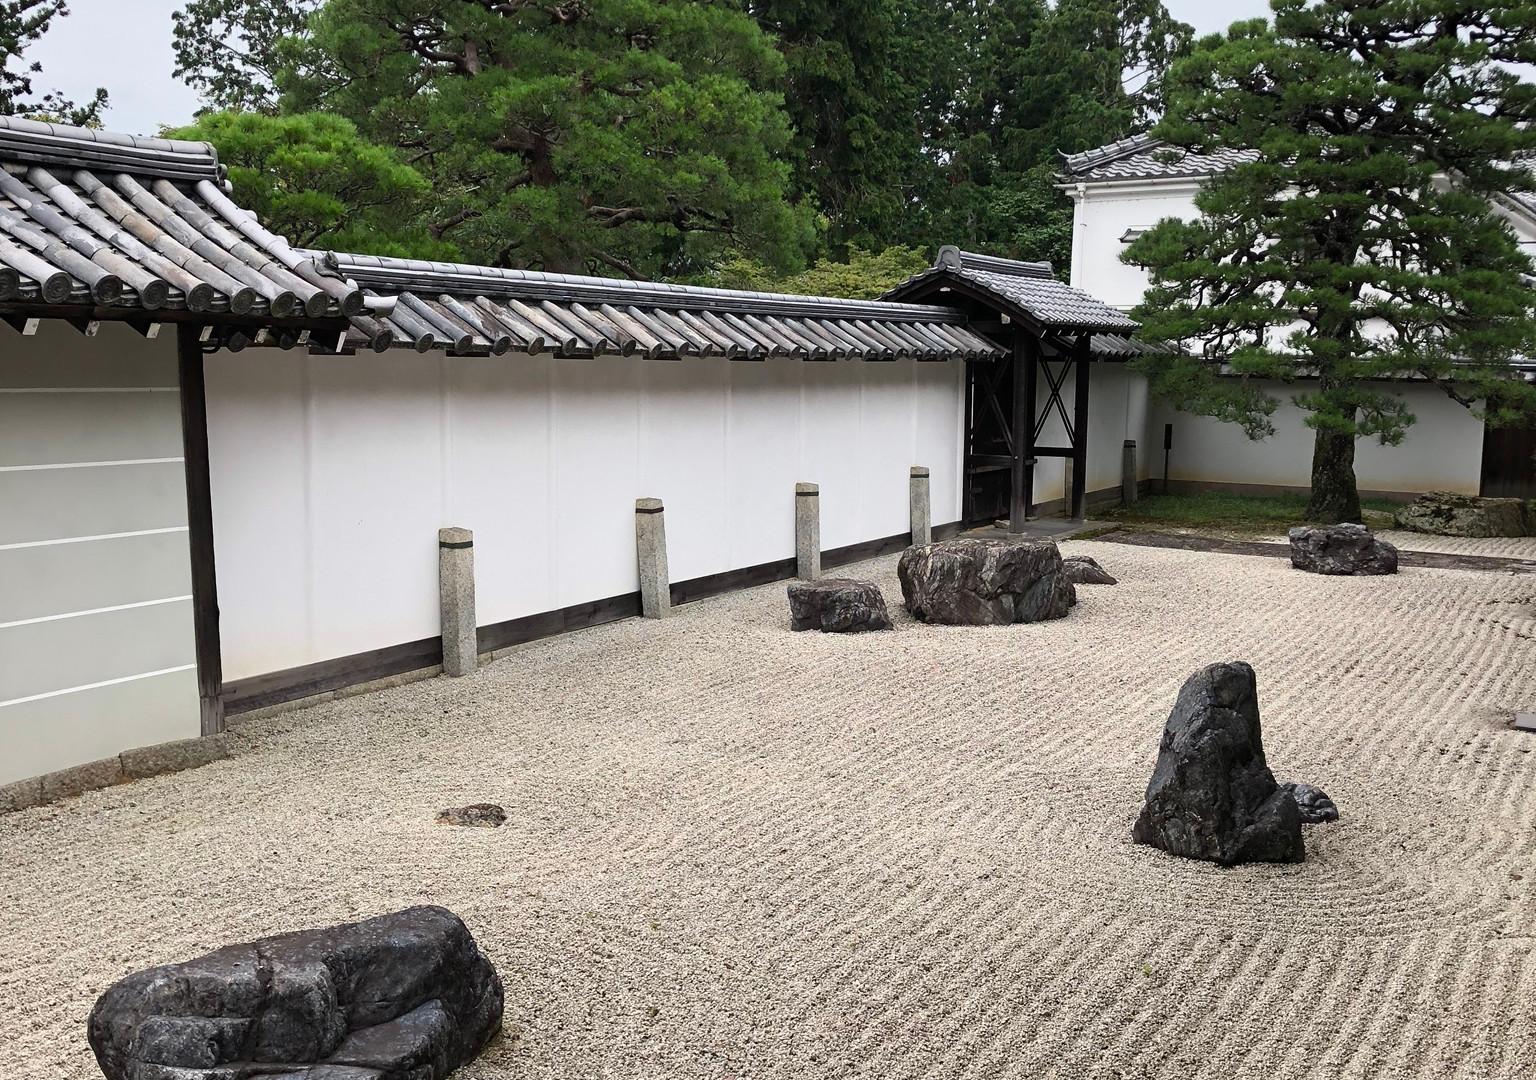 Zen garden at the Nanzen-ji Temple, Kyoto